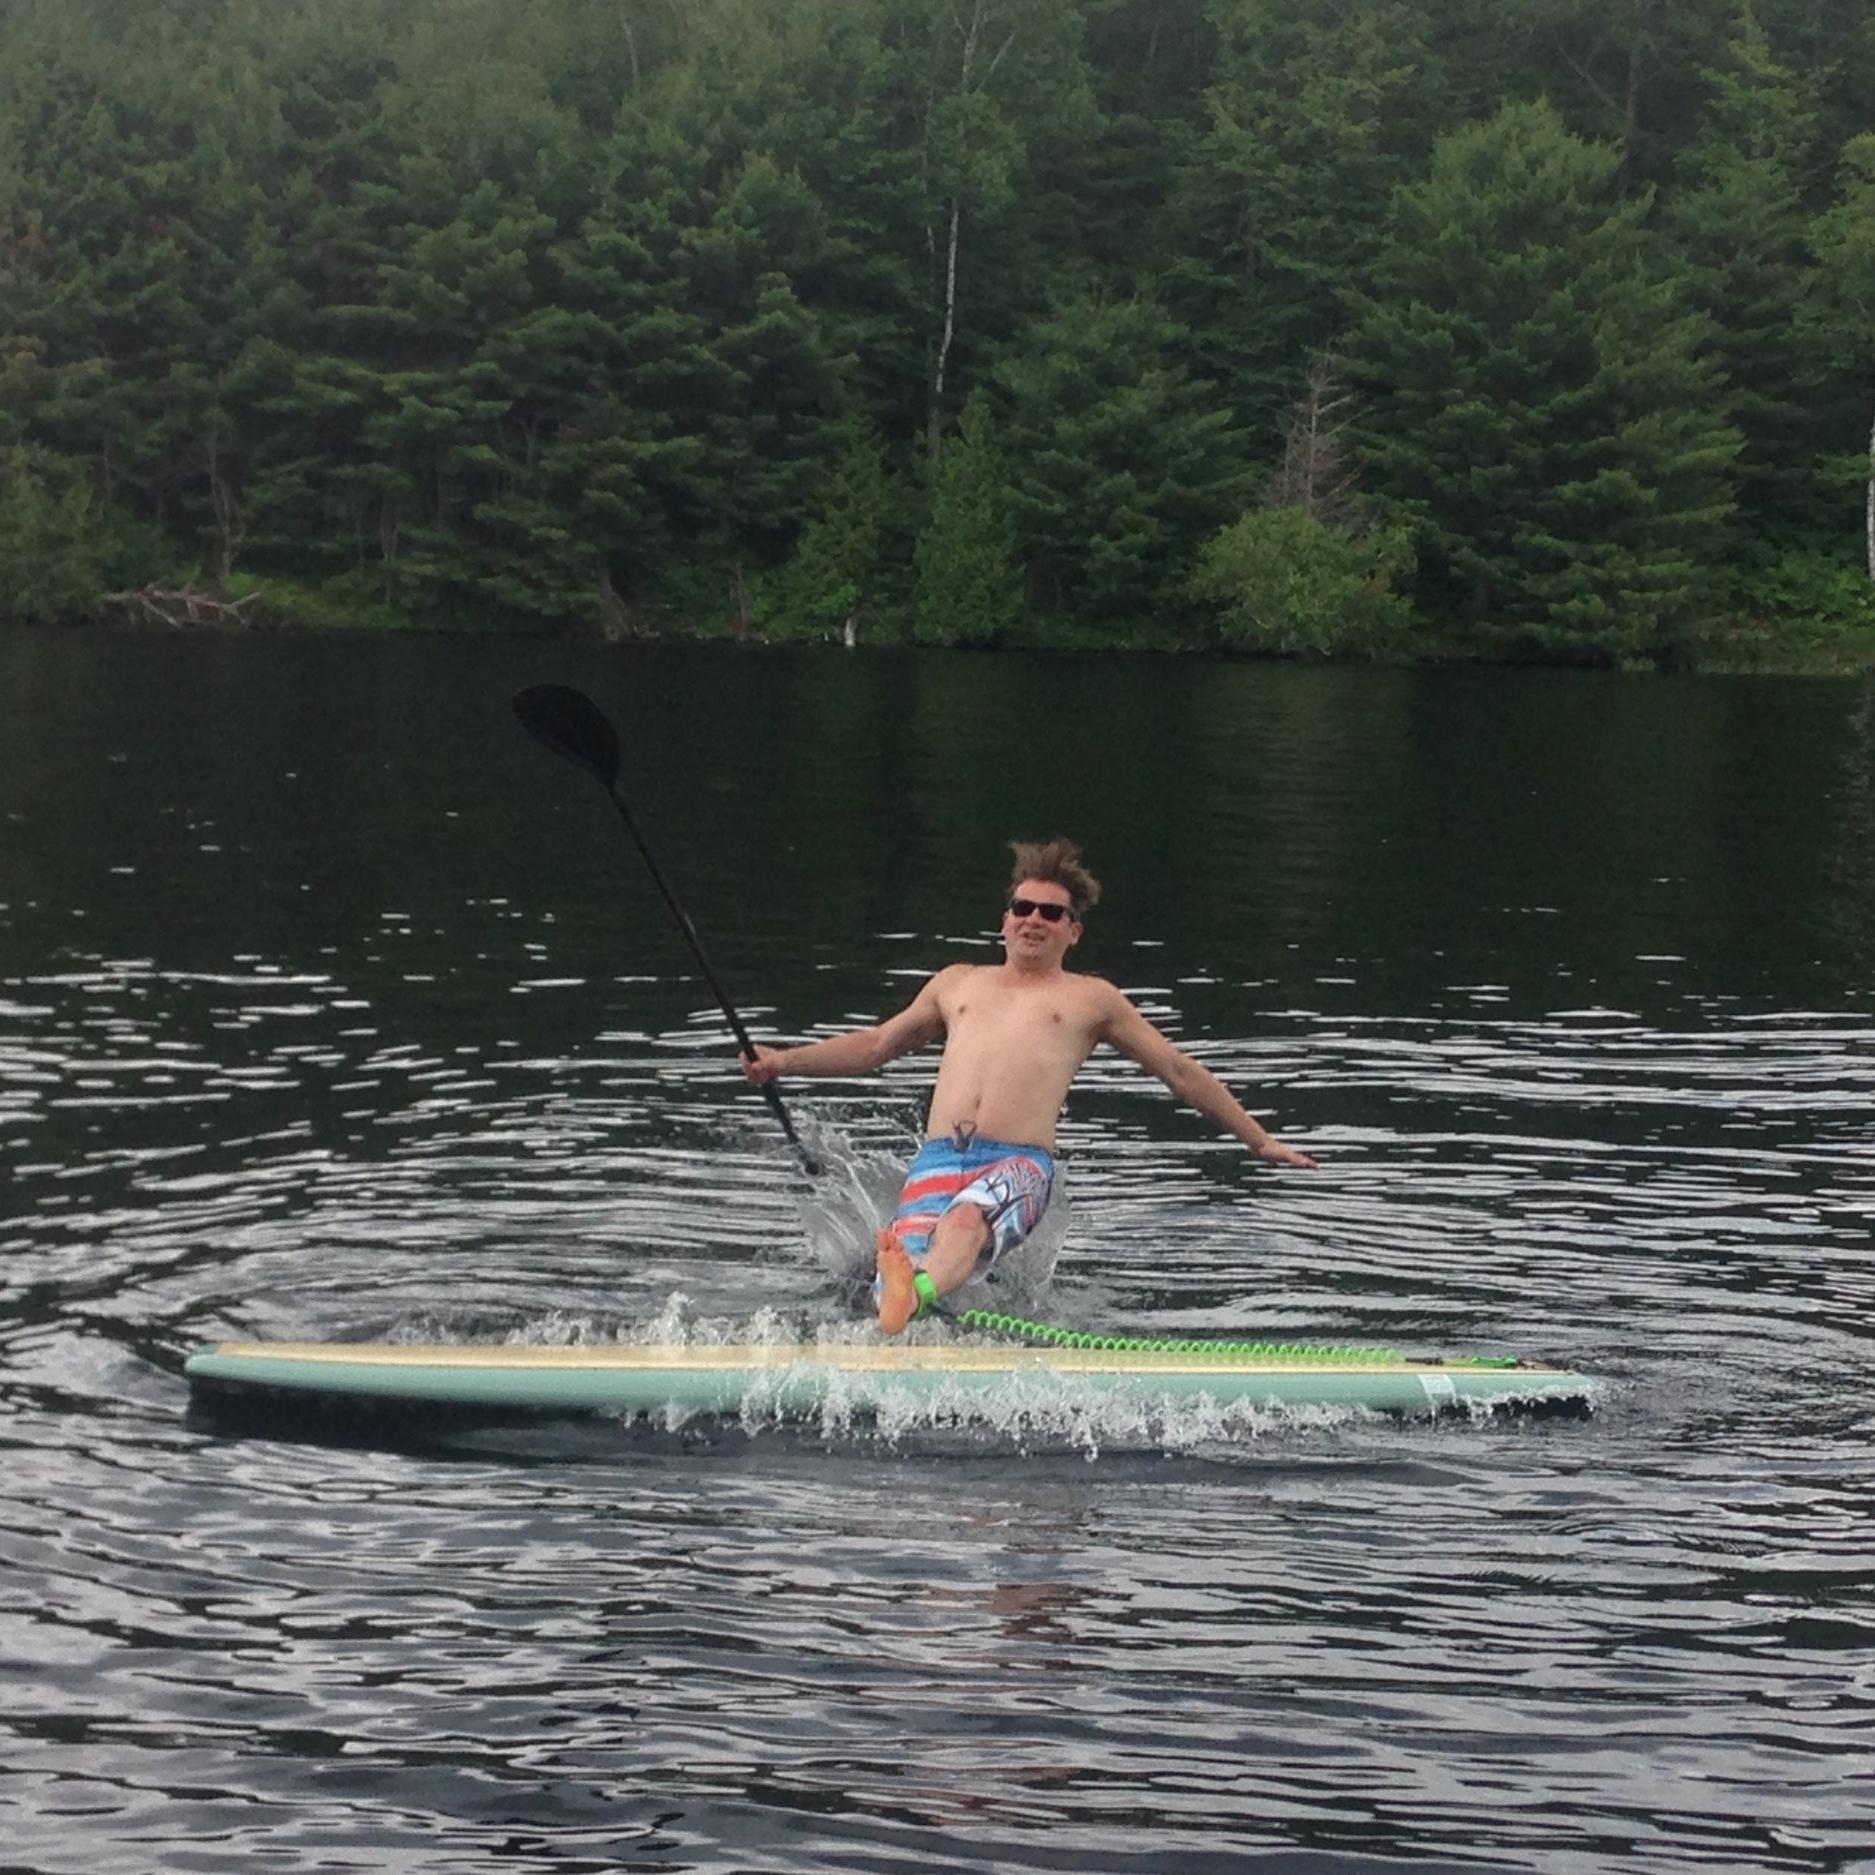 M falling into water.jpeg